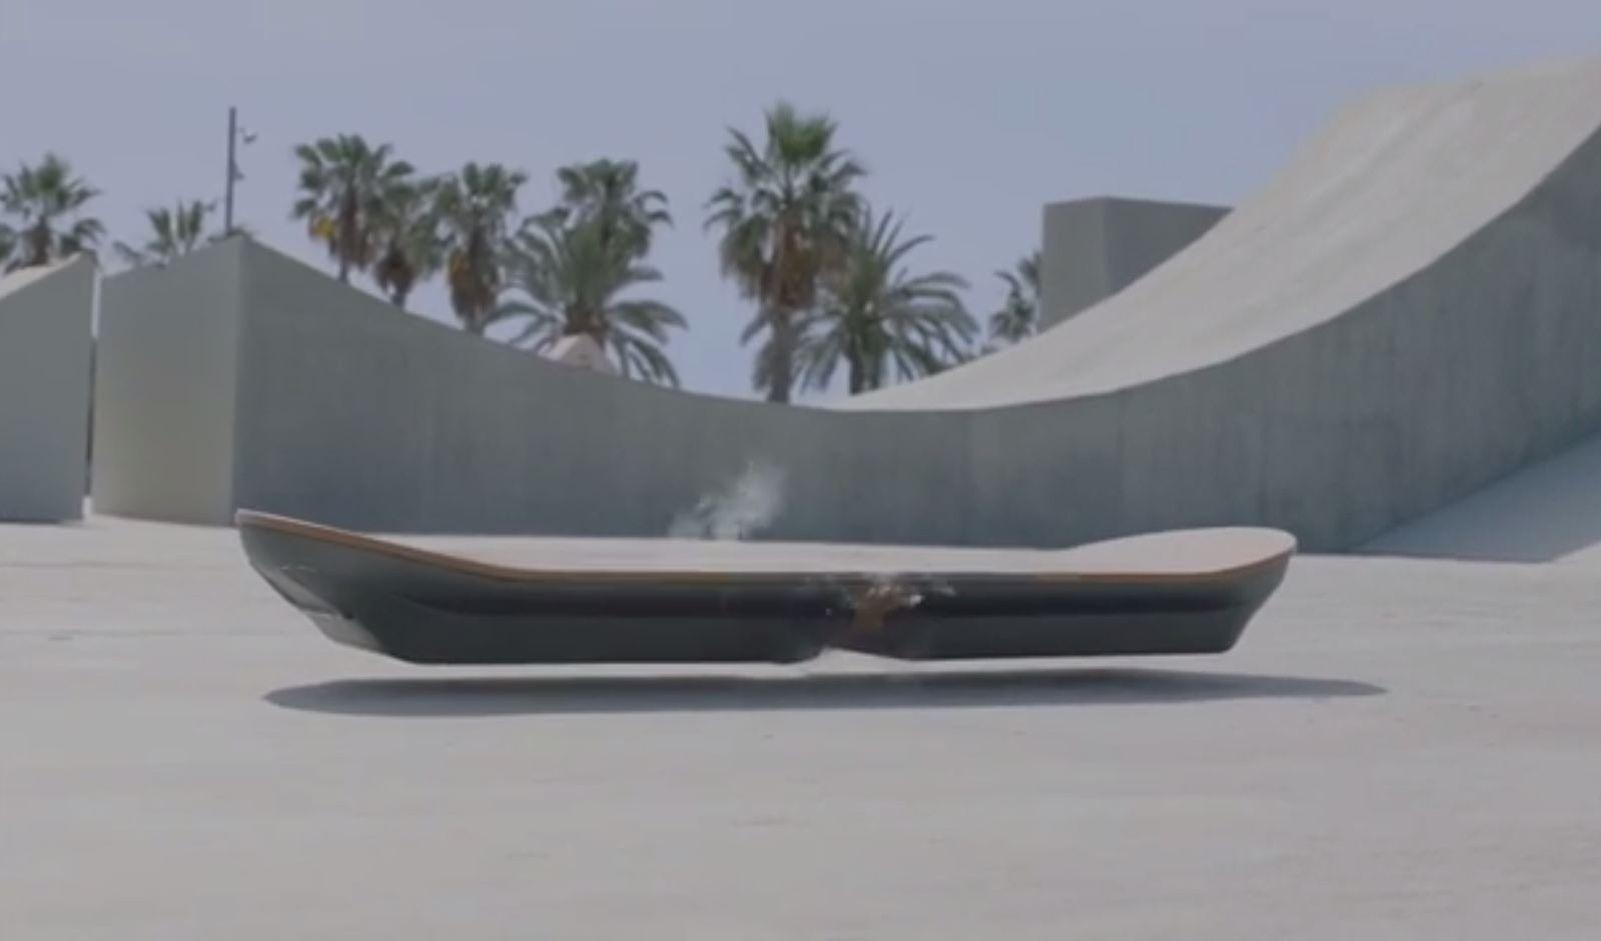 le skate volant de retour vers le futur bient t en magasin. Black Bedroom Furniture Sets. Home Design Ideas